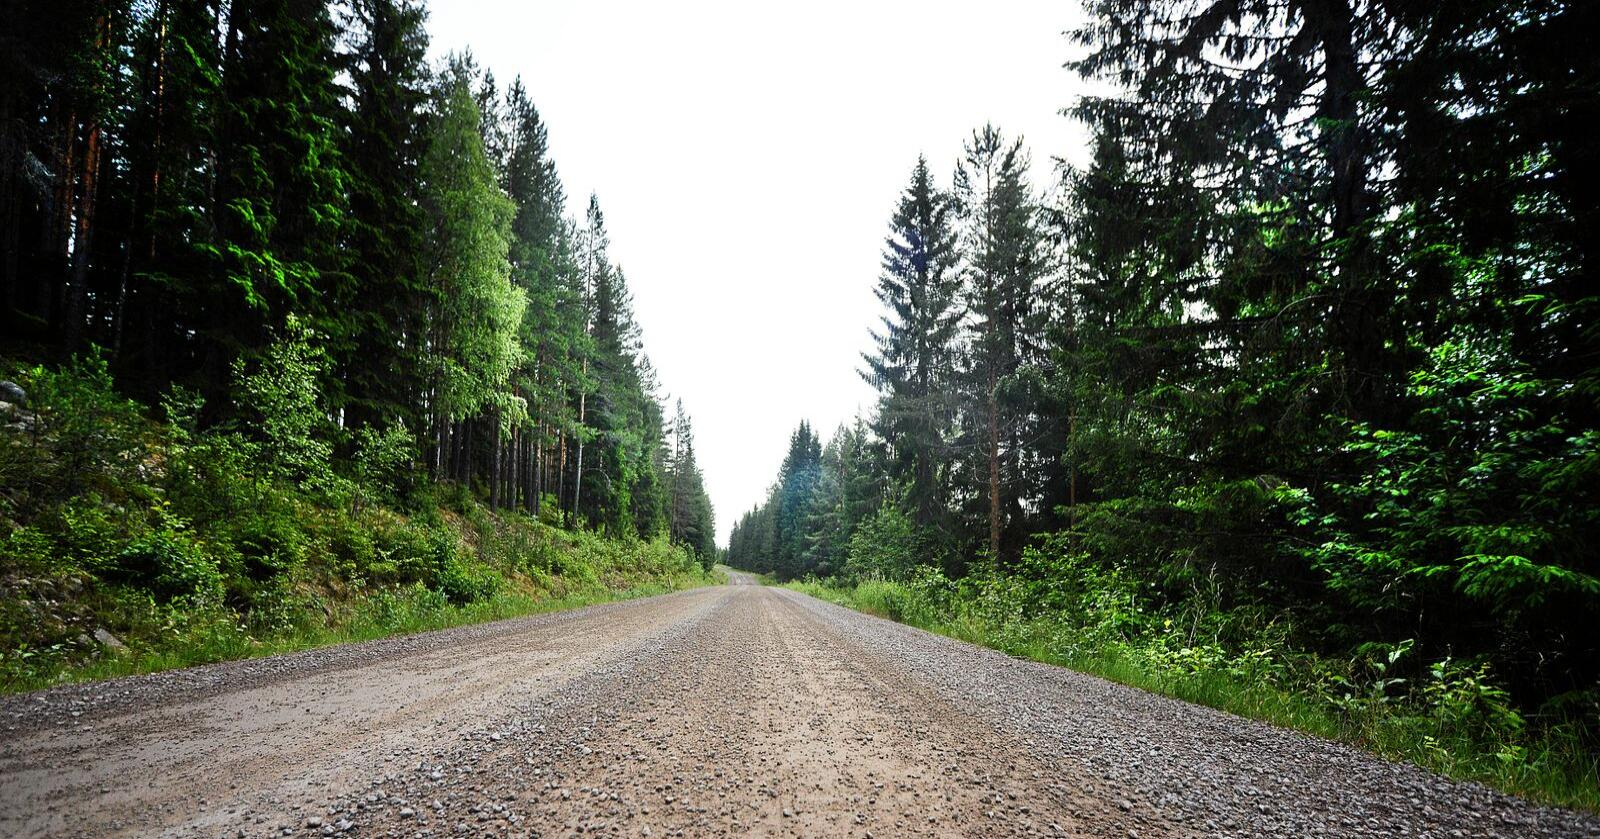 Høyre vil liberalisere konsesjonsbestemmelse på norsk skog. Foto: Siri Juell Rasmussen